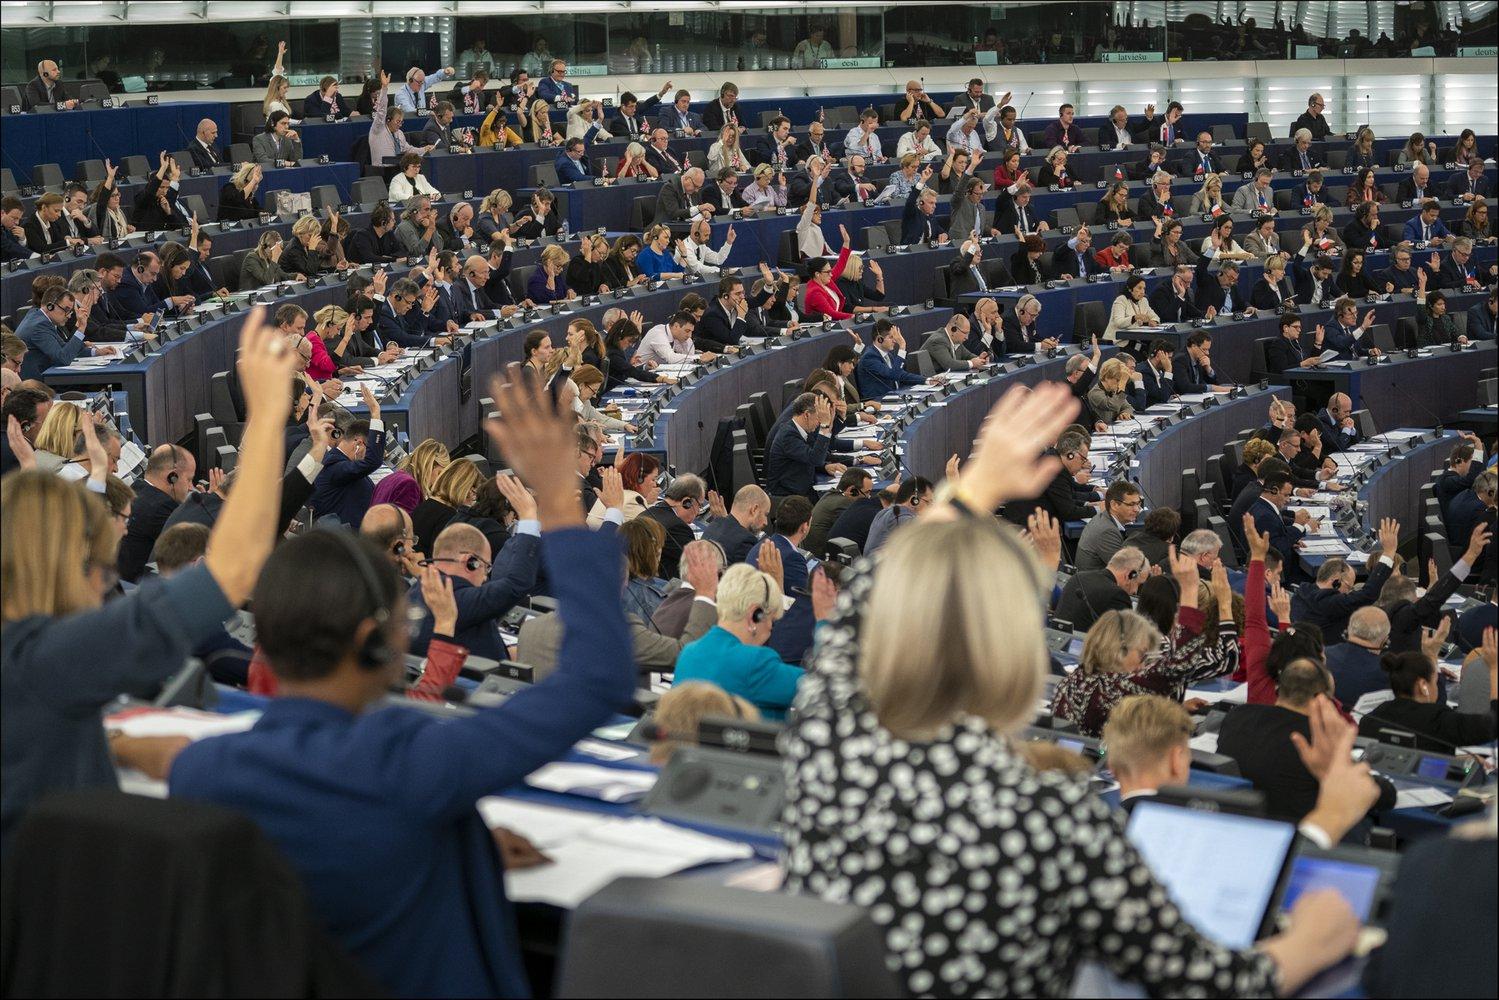 Комісія ЄС лише завершила розробку закону про клімат, а його вже розкритикували екоактивісти - зміни клімату, ЄС, глобальне потепління - 05 ES